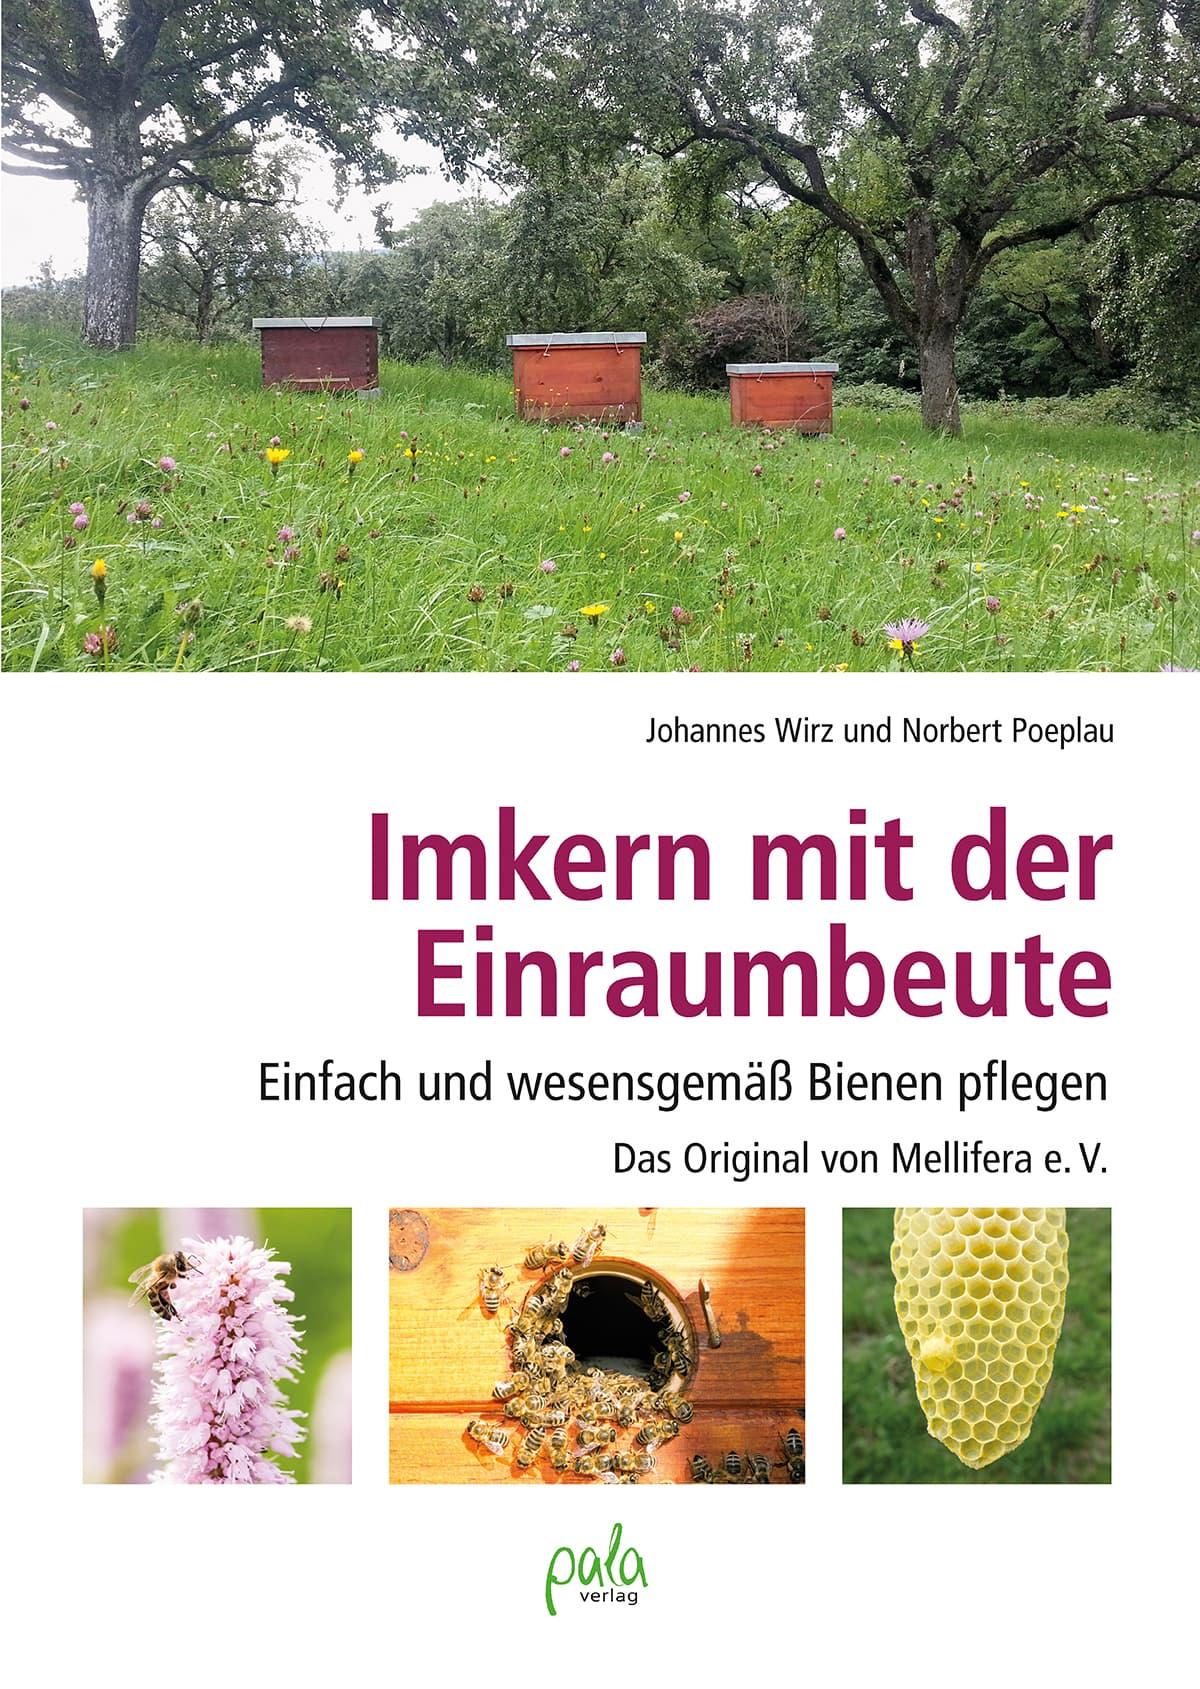 Imkern mit der Einraumbeute, das Original von Mellifera e.V., J. Wirz, N. Poeplau, pala Verlag